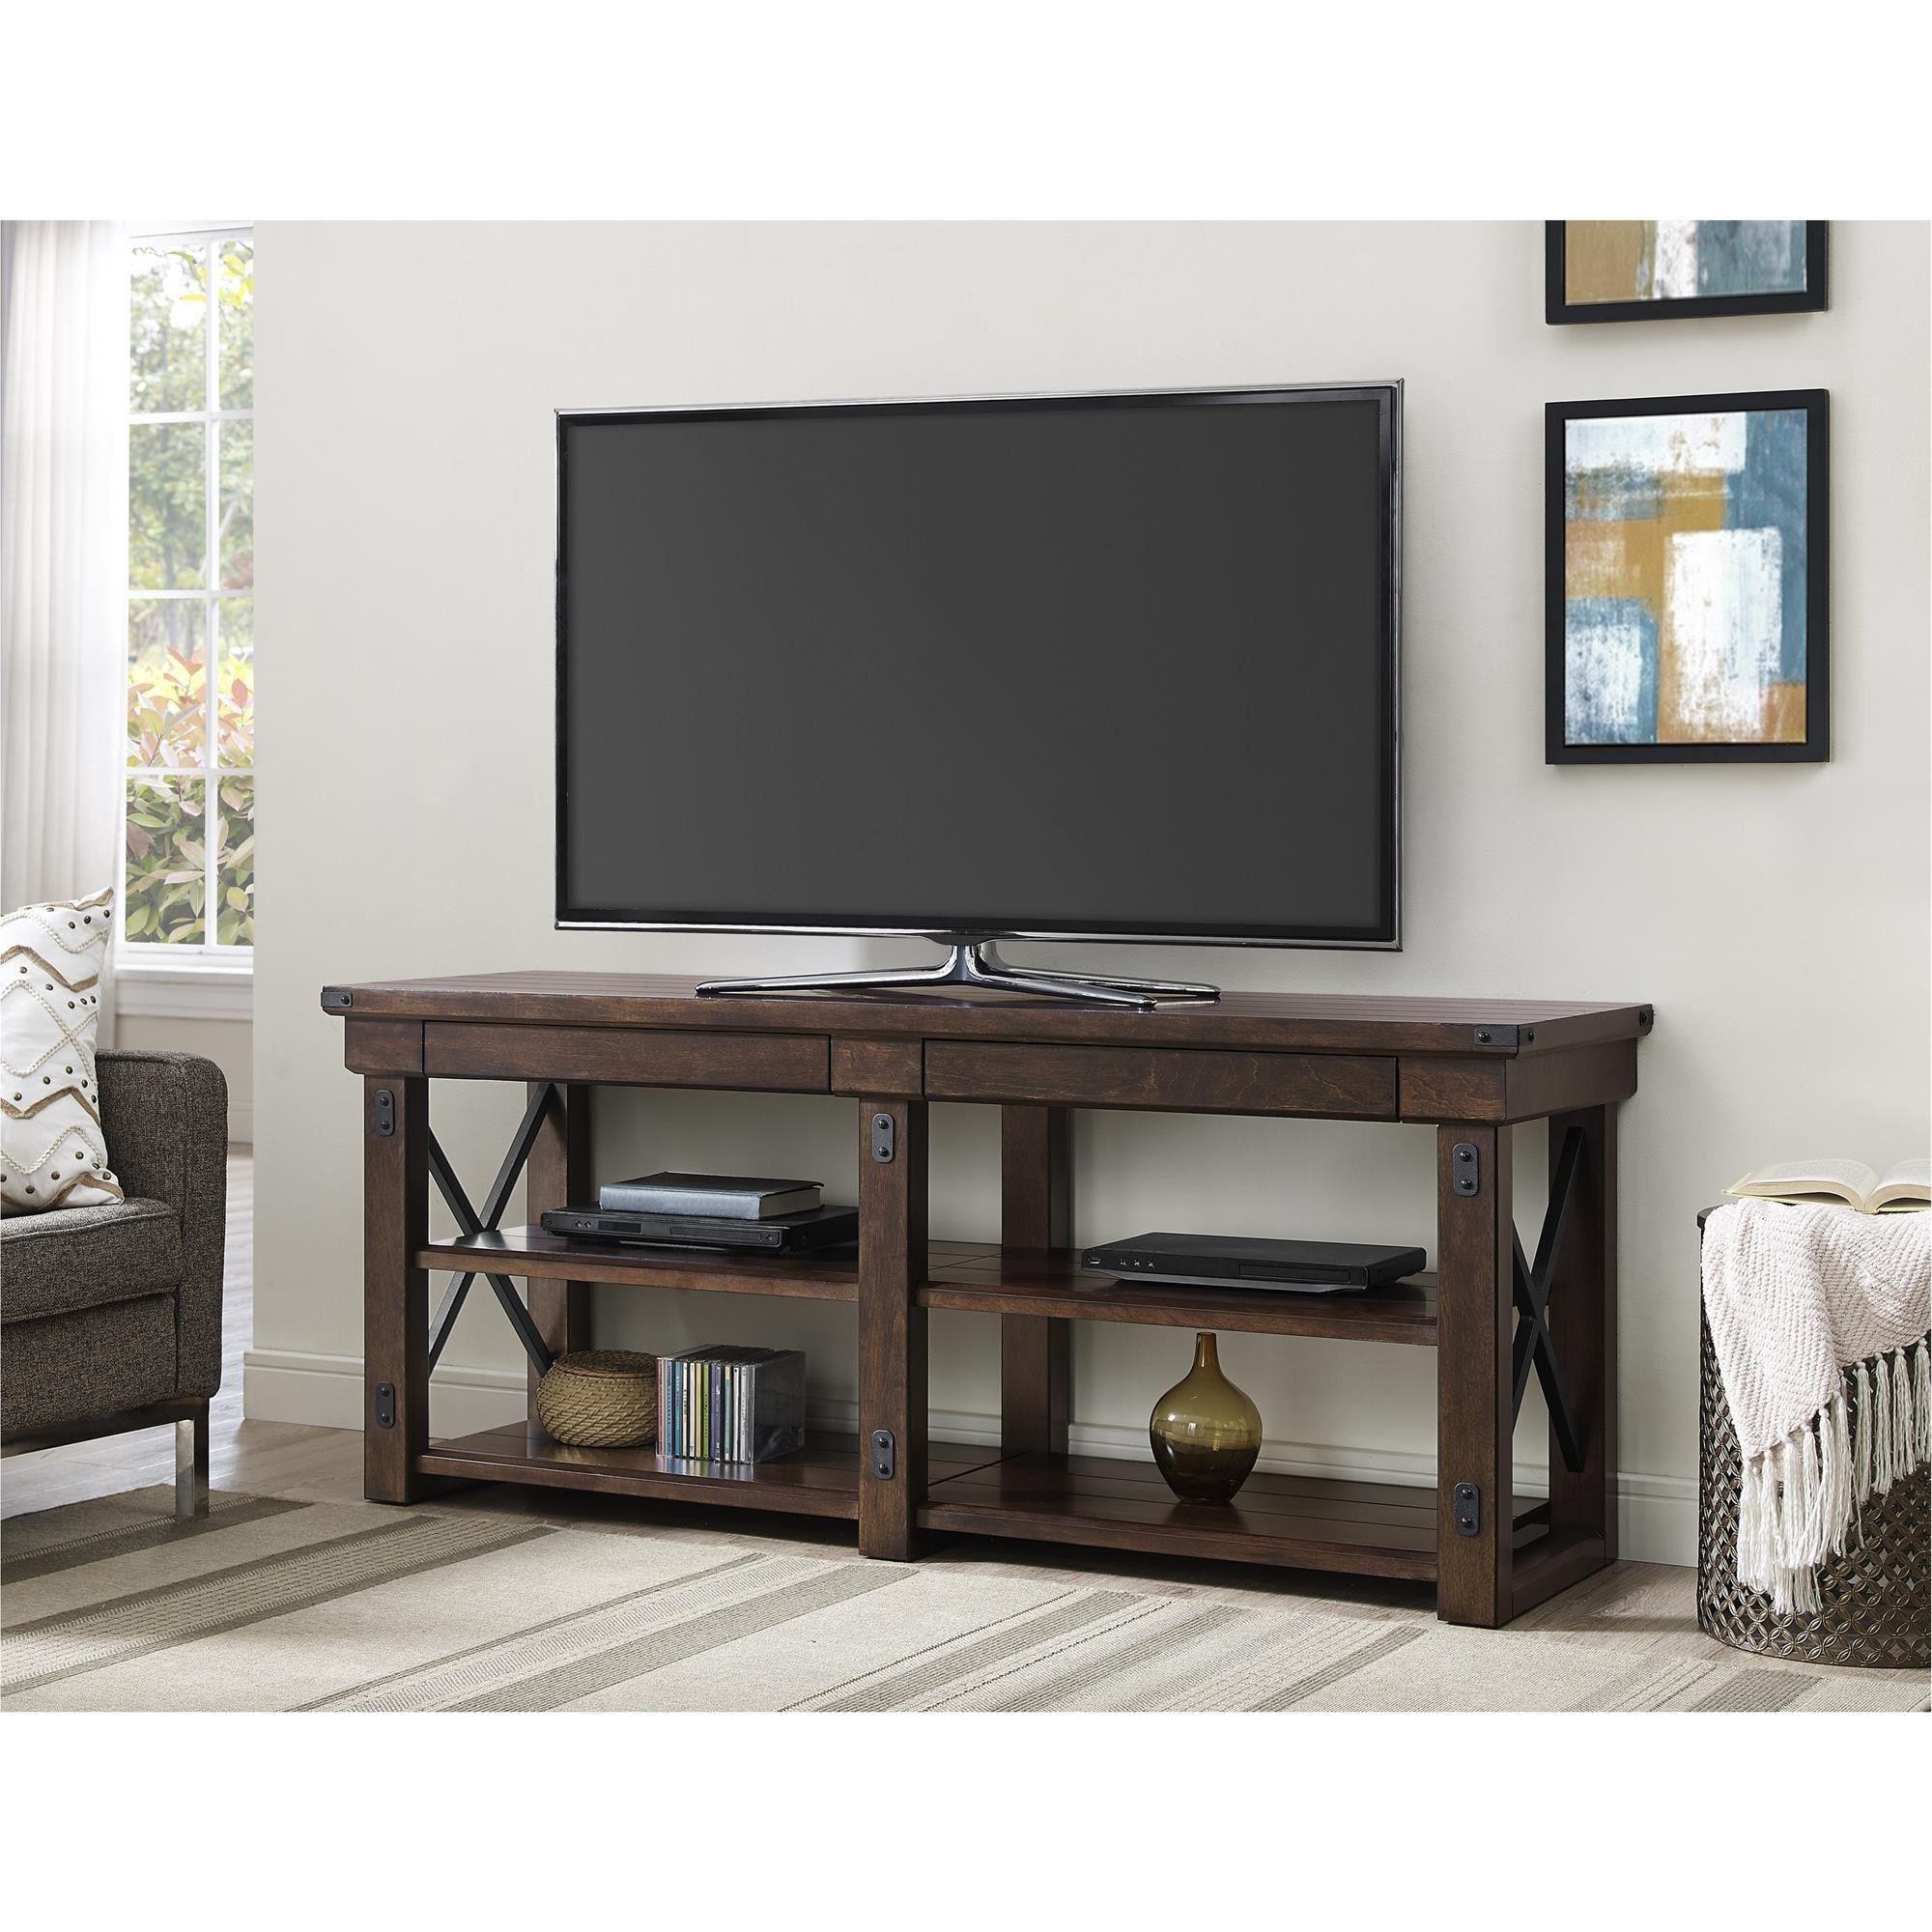 Ameriwood Home Wildwood Mahogany Veneer 65 Inch Tv Stand (65 Inch Tv Regarding Casey Grey 54 Inch Tv Stands (Gallery 1 of 20)